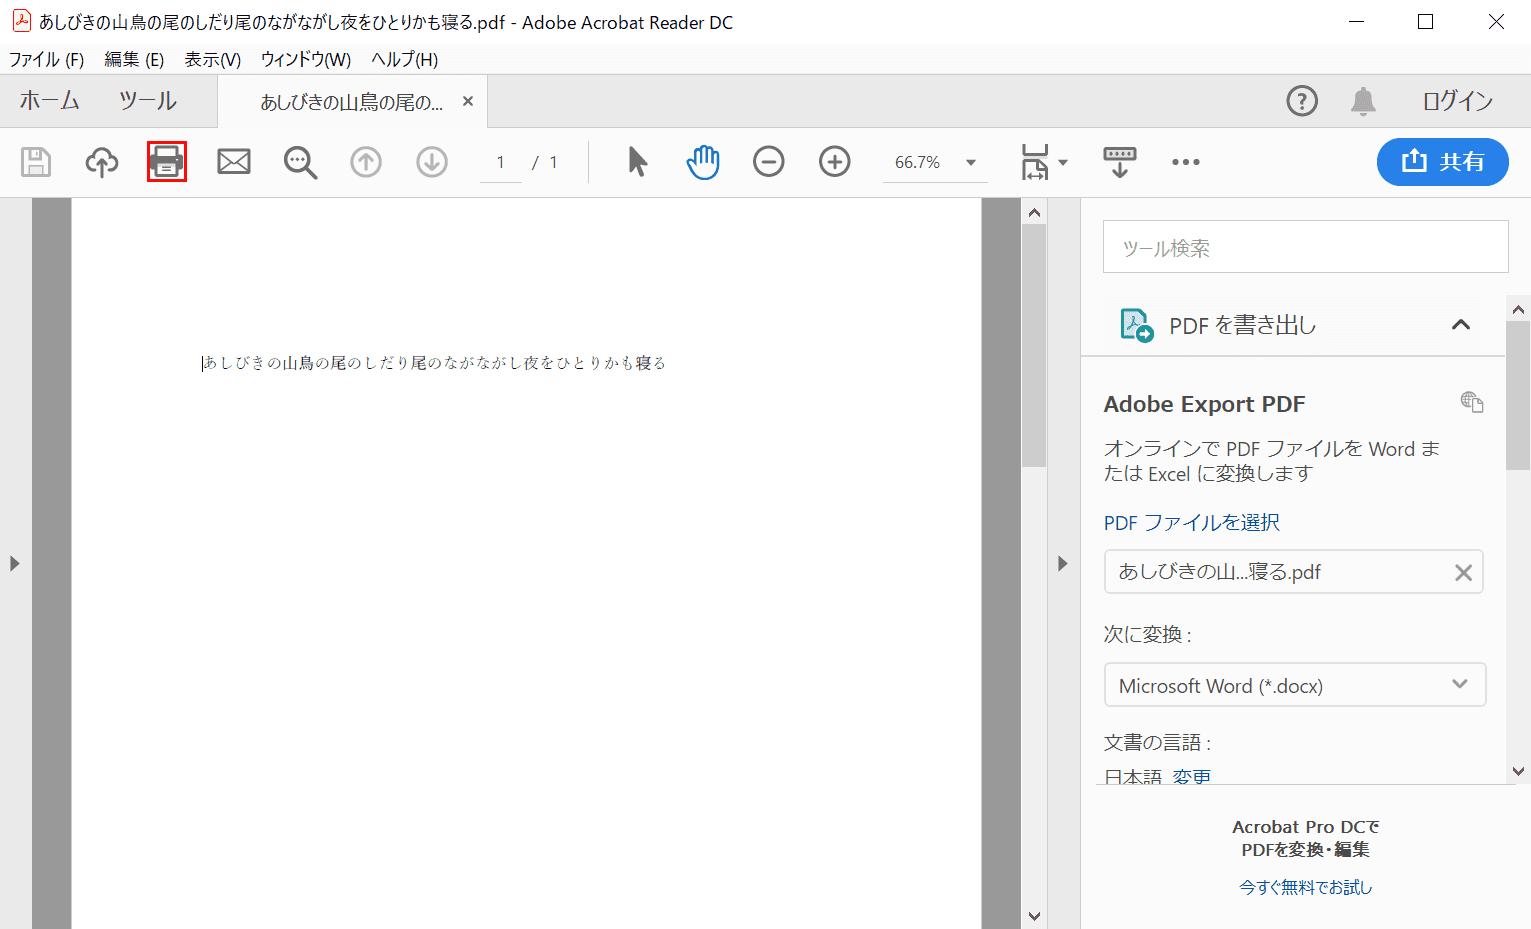 ファイルを印刷